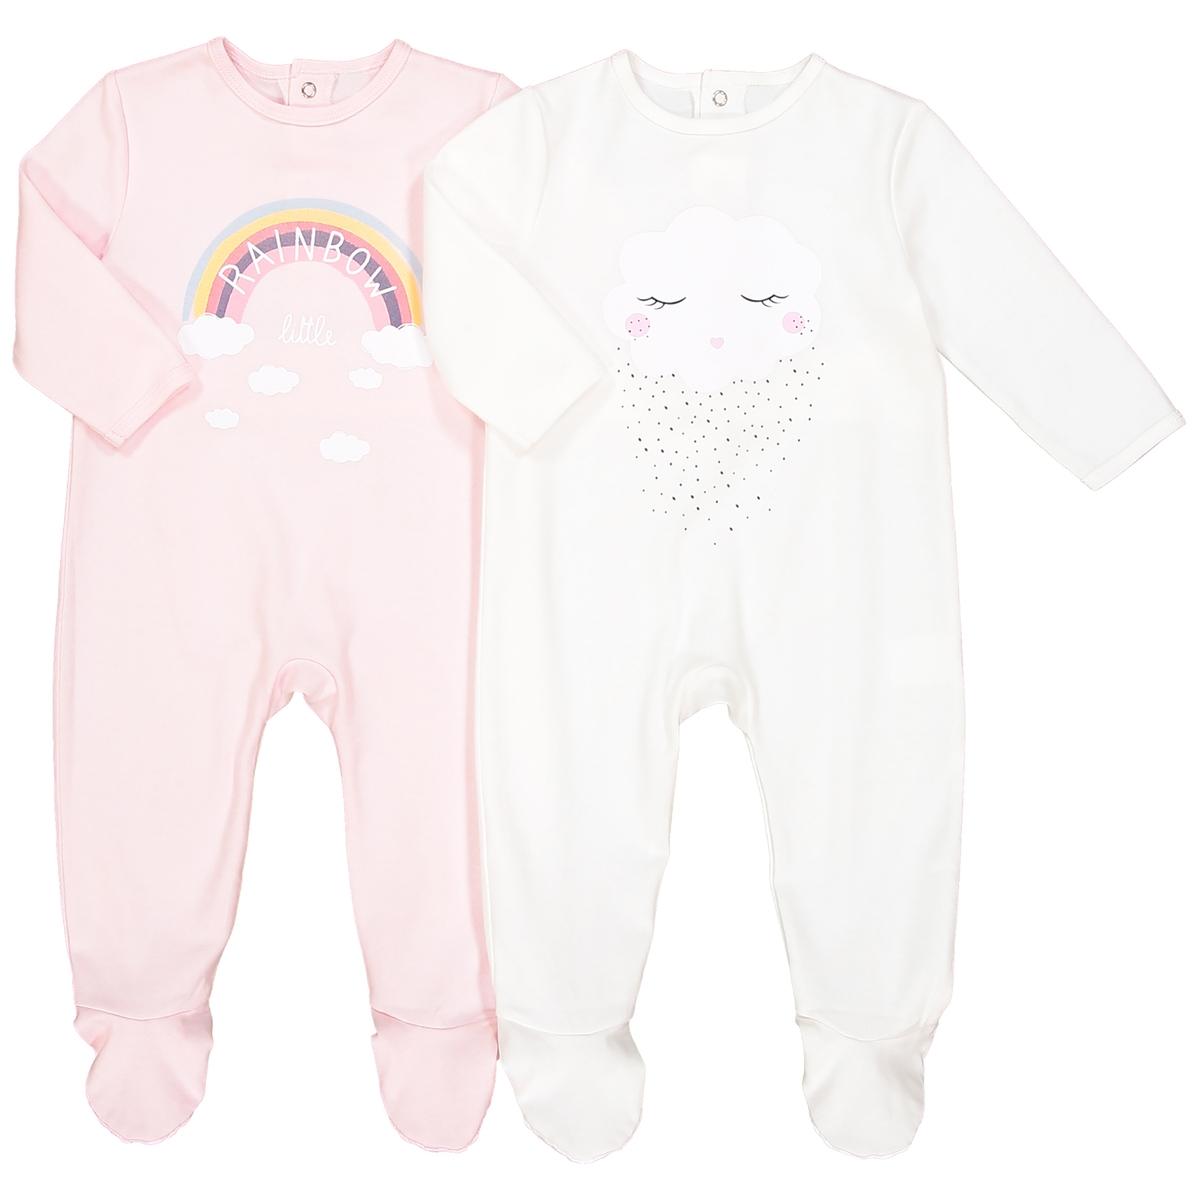 Комплект из 2 хлопковых пижам 0 мес – 3 летОписание:2 очень удобные пижамы из интерлока . Яркие цвета и нежные рисунки, чтобы ваш малыш видел хорошие сны .Детали •  2 пижамы : 1 пижама с рисунком радуга и облака + 1 пижама с рисунком лицо . •  Длинные рукава. •  Круглый вырез. •  Носки с противоскользящими элементами для размеров от 12 месяцев  (74 см). Состав и уход •  Материал : 100% хлопок. •  Стирать с вещами подобного цвета при 40°, на деликатном режиме . •  Стирать и гладить с изнанки при низкой температуре. •  Деликатная сушка в машинке.Товарный знак Oeko-Tex®. Знак Oeko-Tex® гарантирует, что товары прошли проверку и были изготовлены без применения вредных для здоровья человека веществ.<br><br>Цвет: розовый + экрю